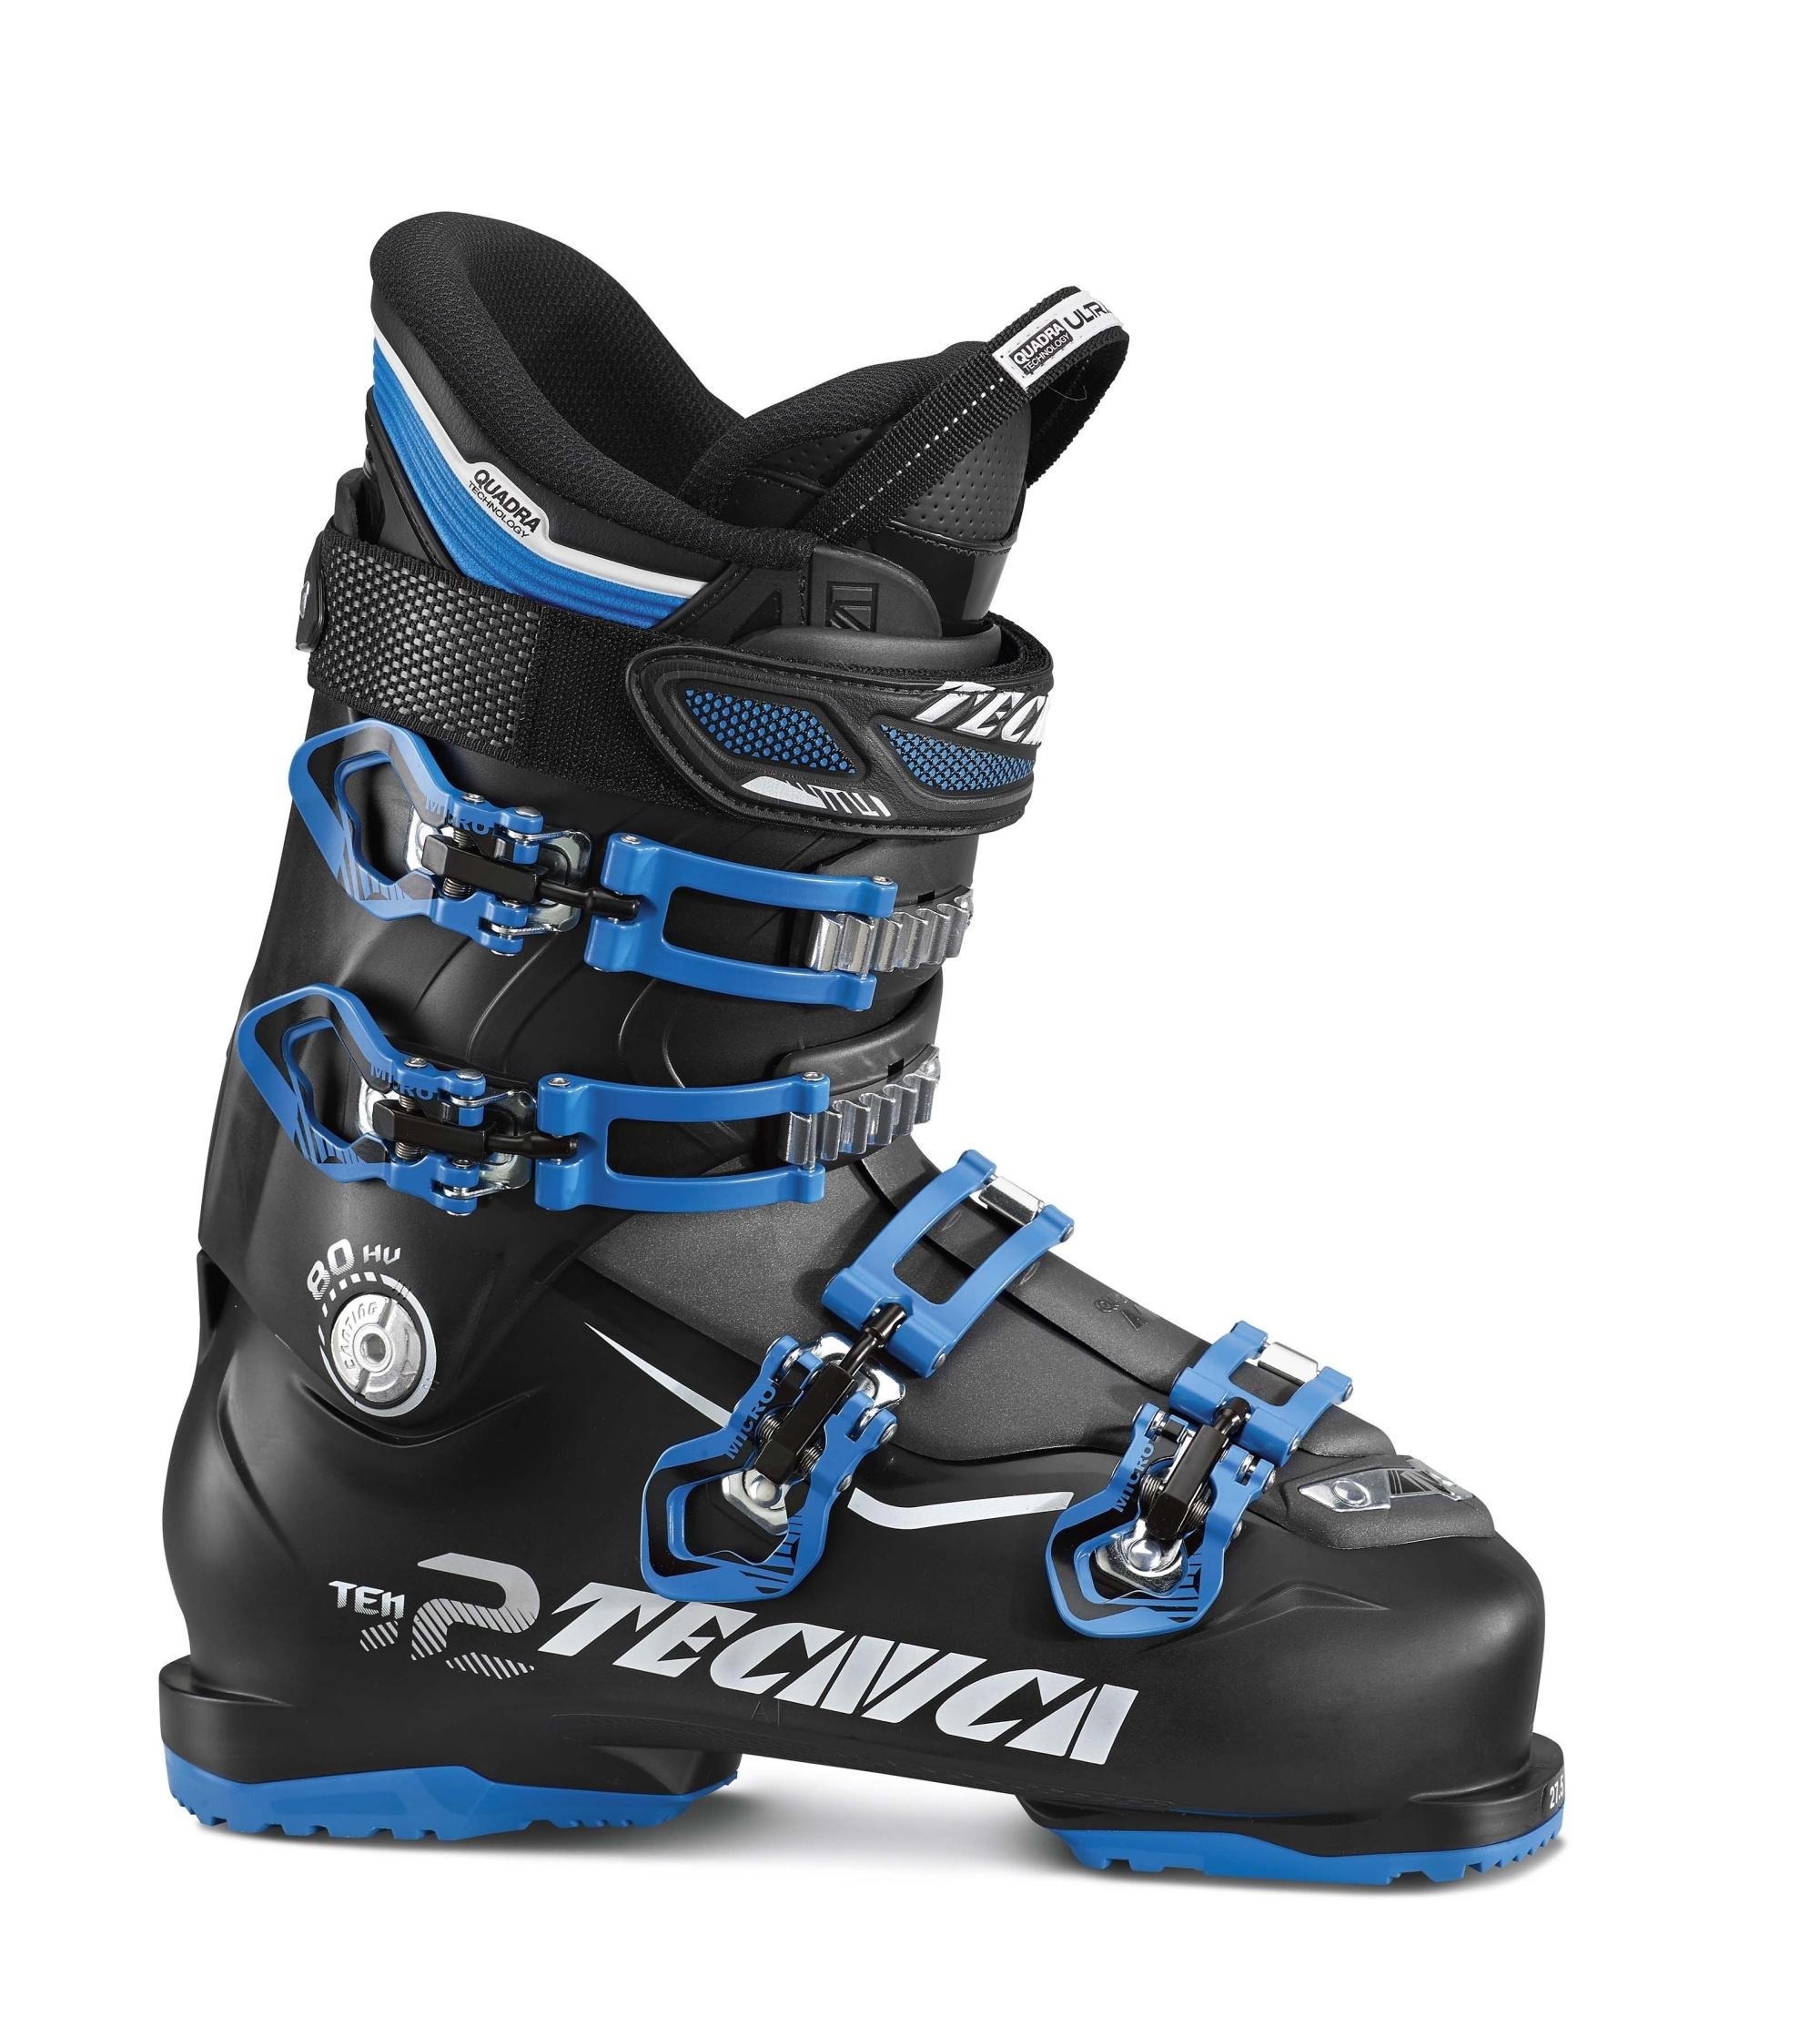 Lyžařské boty Tecnica TEN.2 80 HV Barva: černá, Velikost: 270